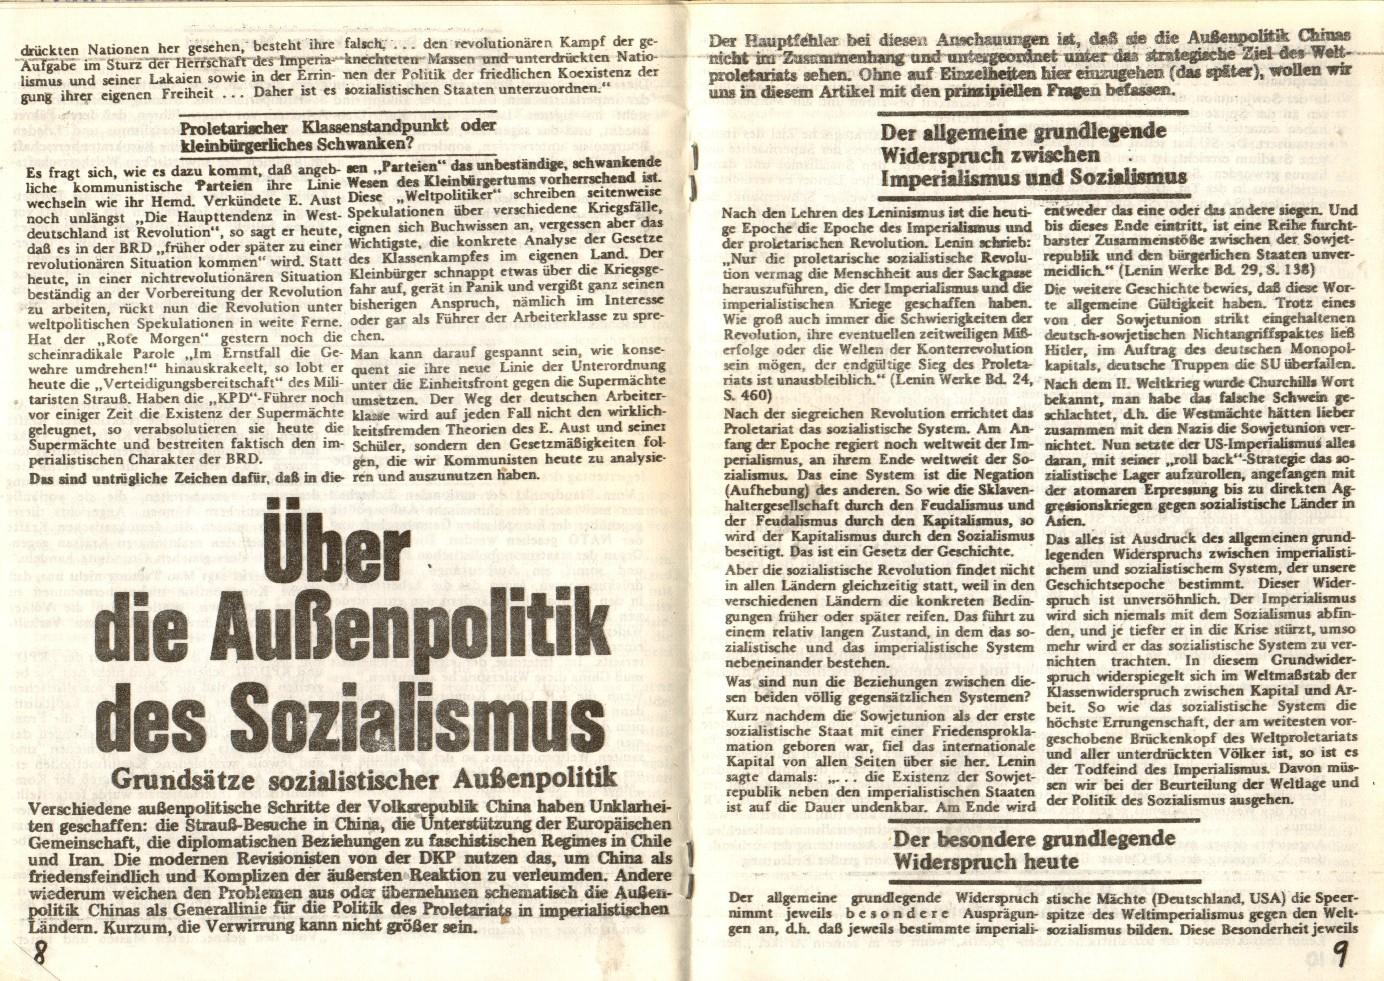 Frankfurt_KABD_1975_Kriegsgefahr_und_Klassenkampf_05